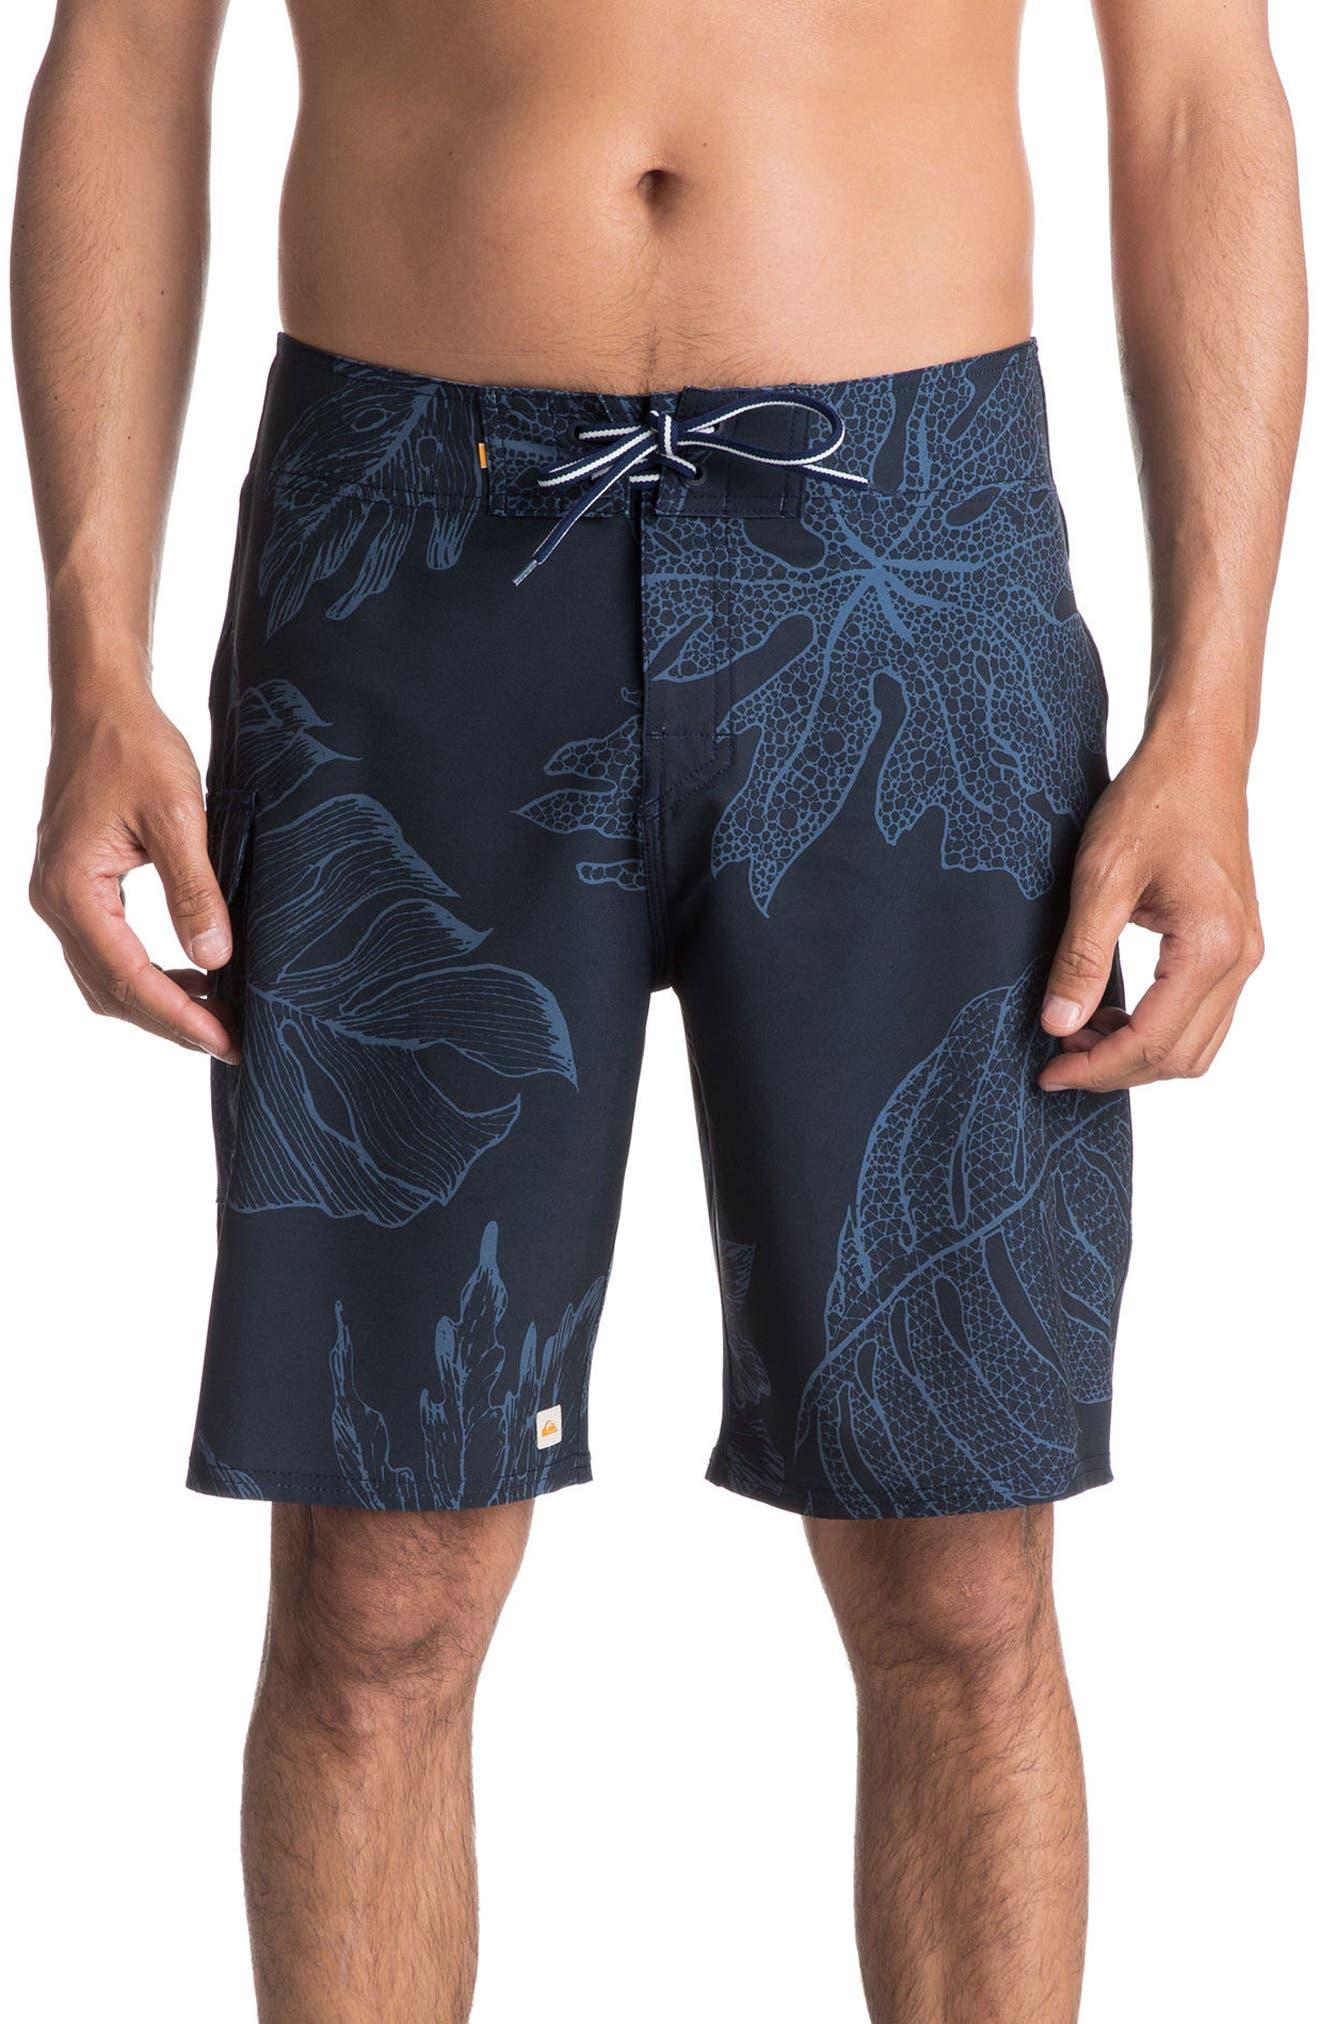 Xoa Board Shorts,                         Main,                         color, Navy Blazer